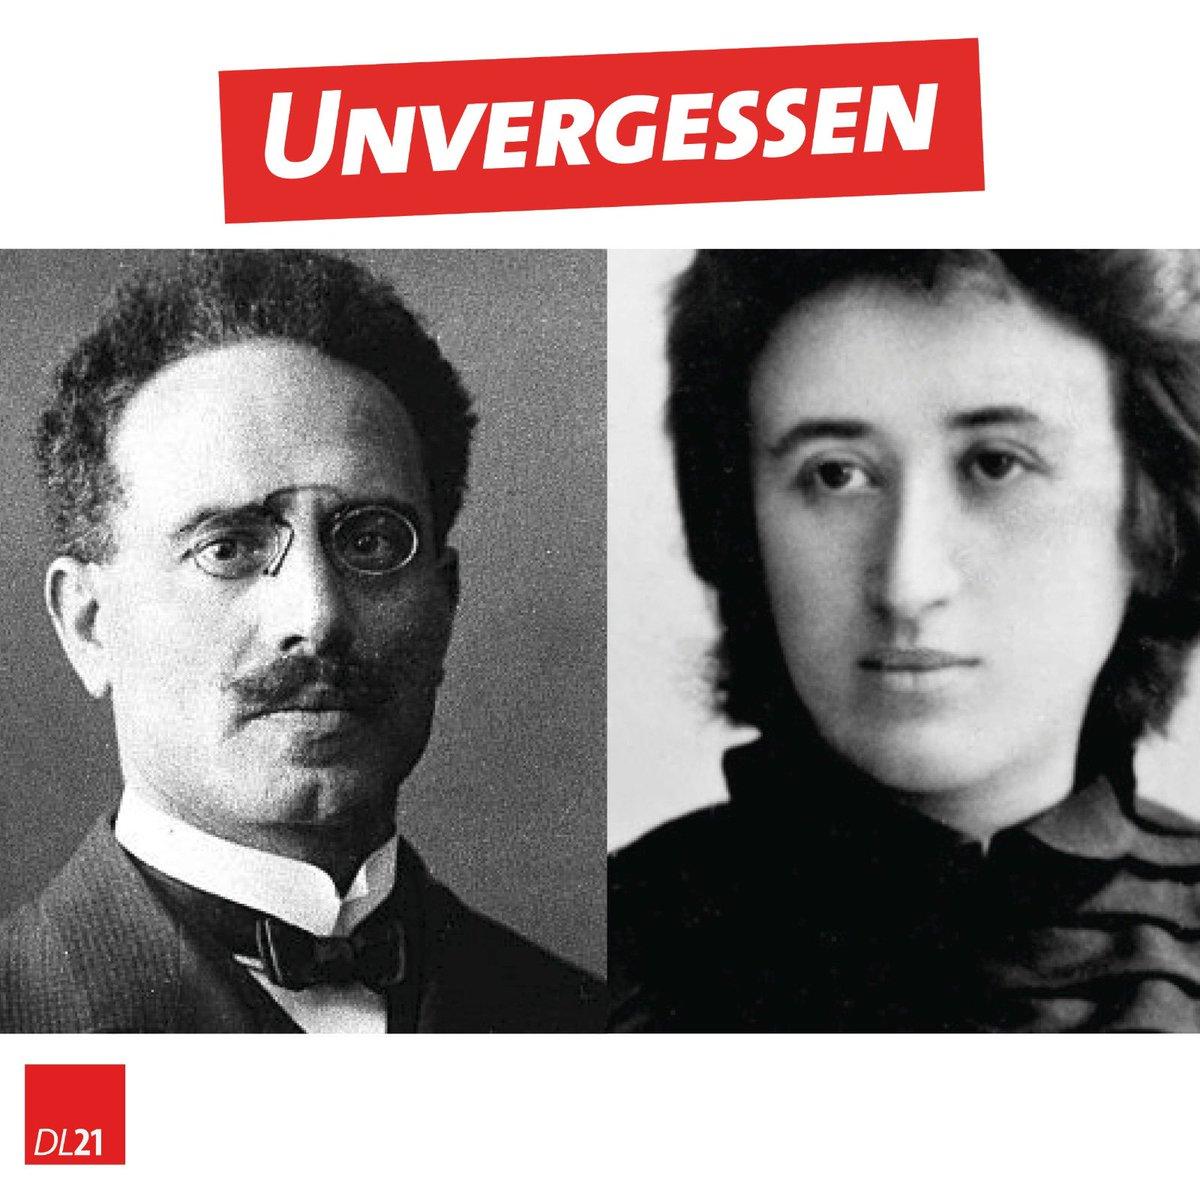 Heute vor 102 Jahren wurde Rosa #Luxemburg und Karl #Liebknecht von rechten Freikorps mit Billigung einzelner SPDler feige ermordet. In diesen schwierigen Zeiten würde Rosa uns wohl raten optimistisch und kämpferisch in die Zukunft zu schauen - trotz alledem. #Unvergessen